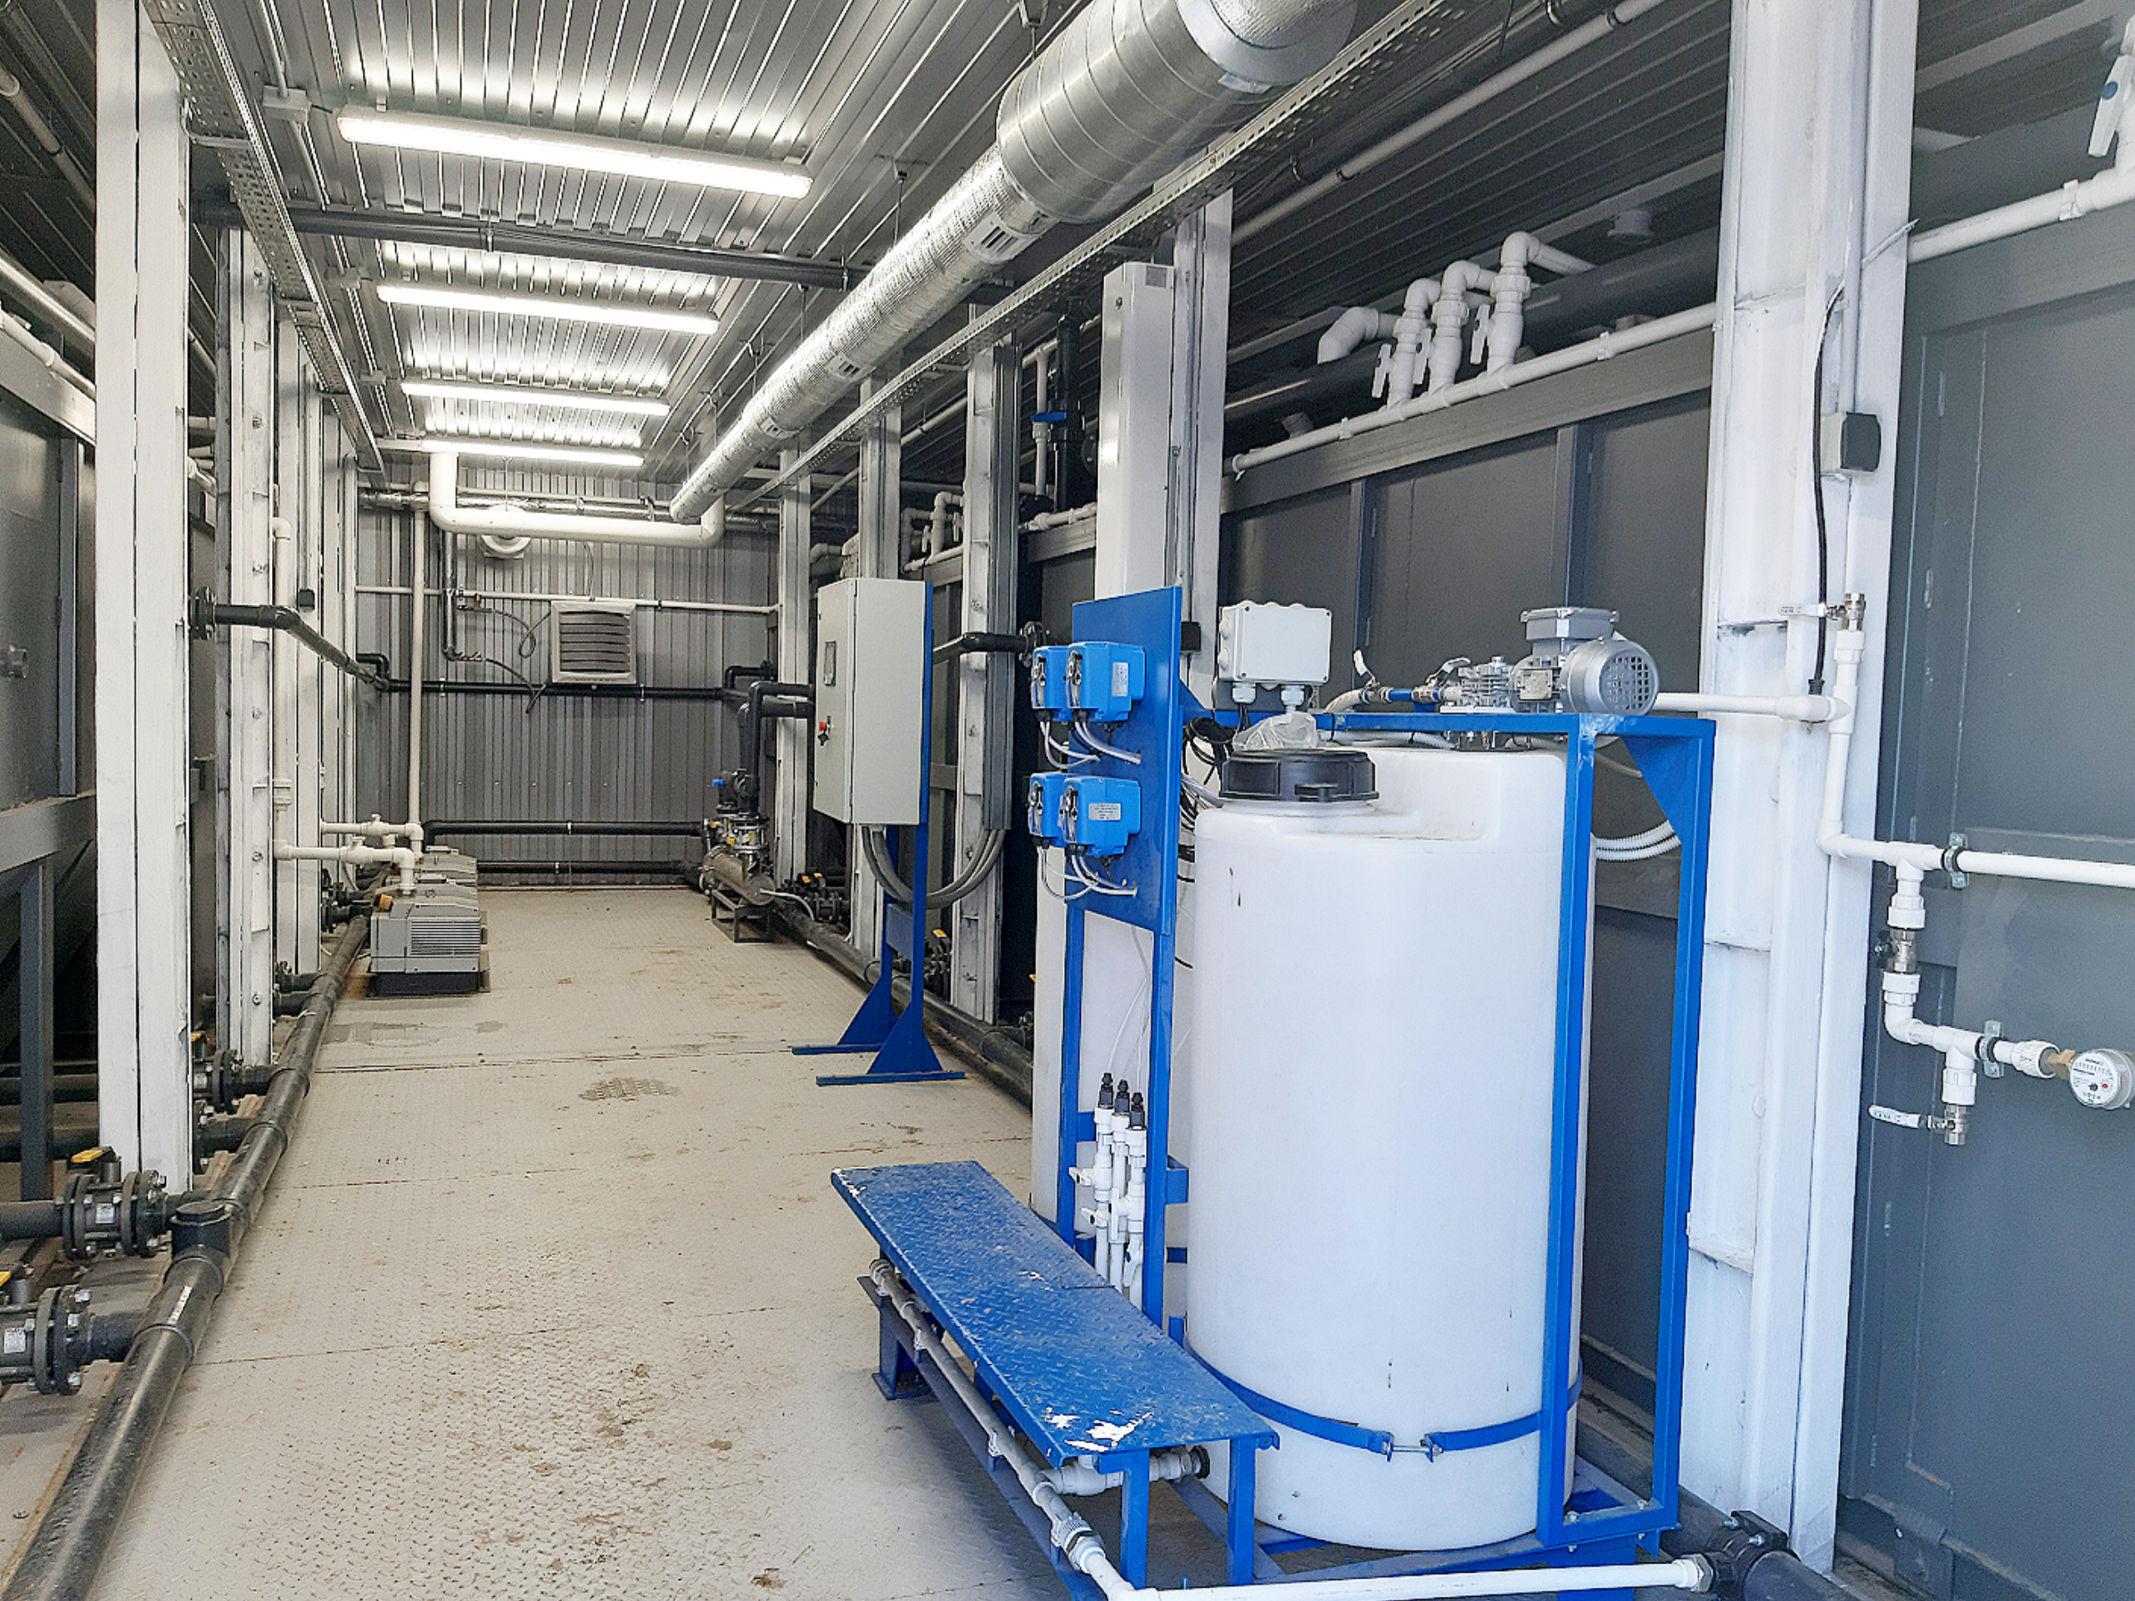 Реконструкция очистных сооружений в поселке Судоверфь проведена в рамках проекта «Оздоровление Волги»